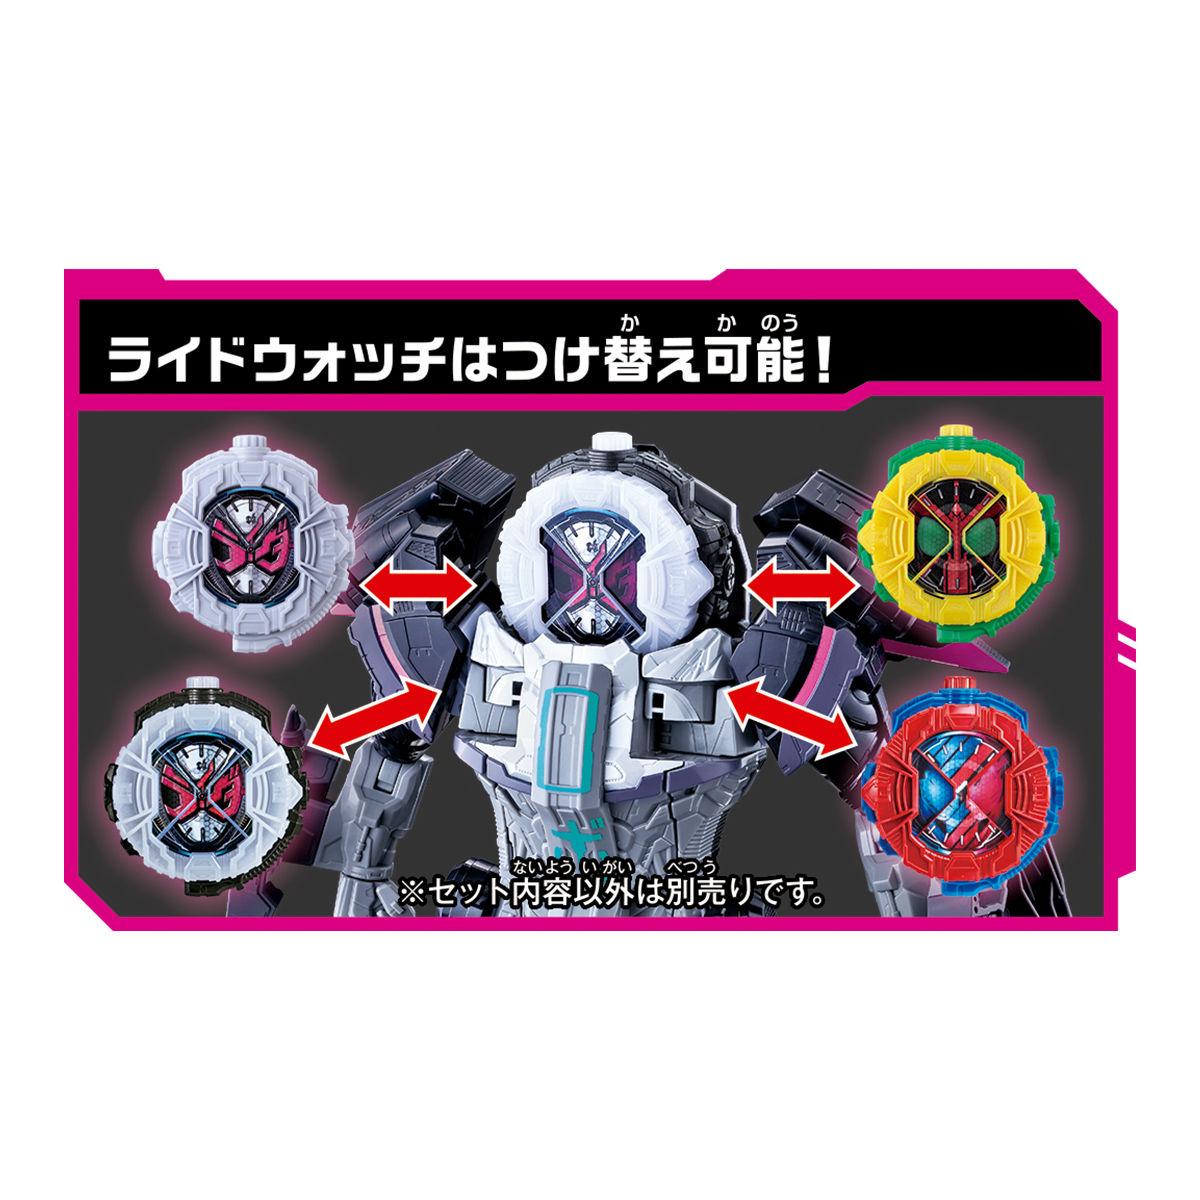 仮面ライダージオウ『DXタイムマジーン & オーズライドウォッチ』変身なりきり 可動フィギュア-006